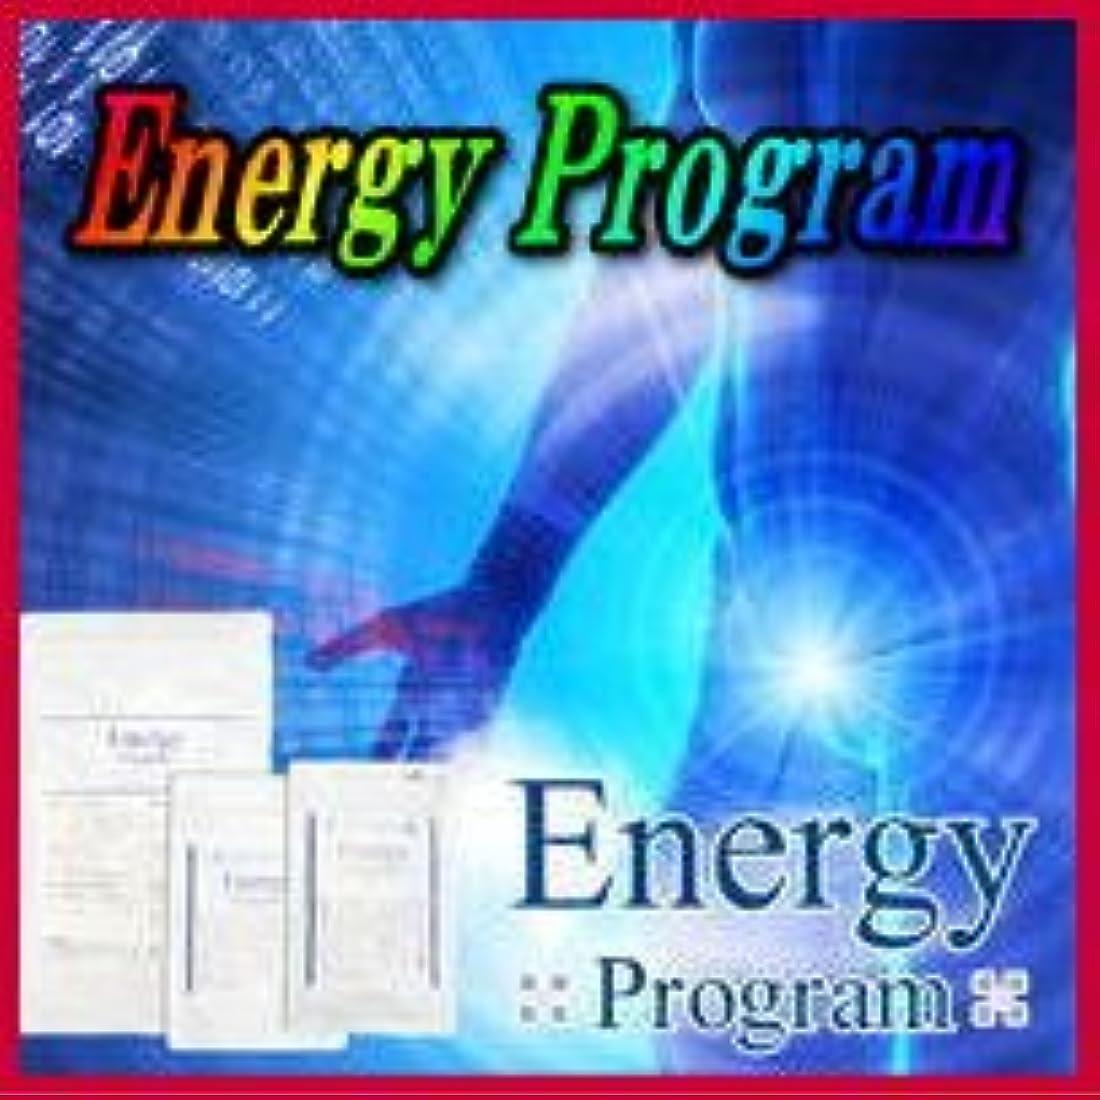 トランク起こる光★Energy Program(エナジープログラム) サプリ+ドリンク強力融合でシトルリンンとアルギニンが強力コラボ!